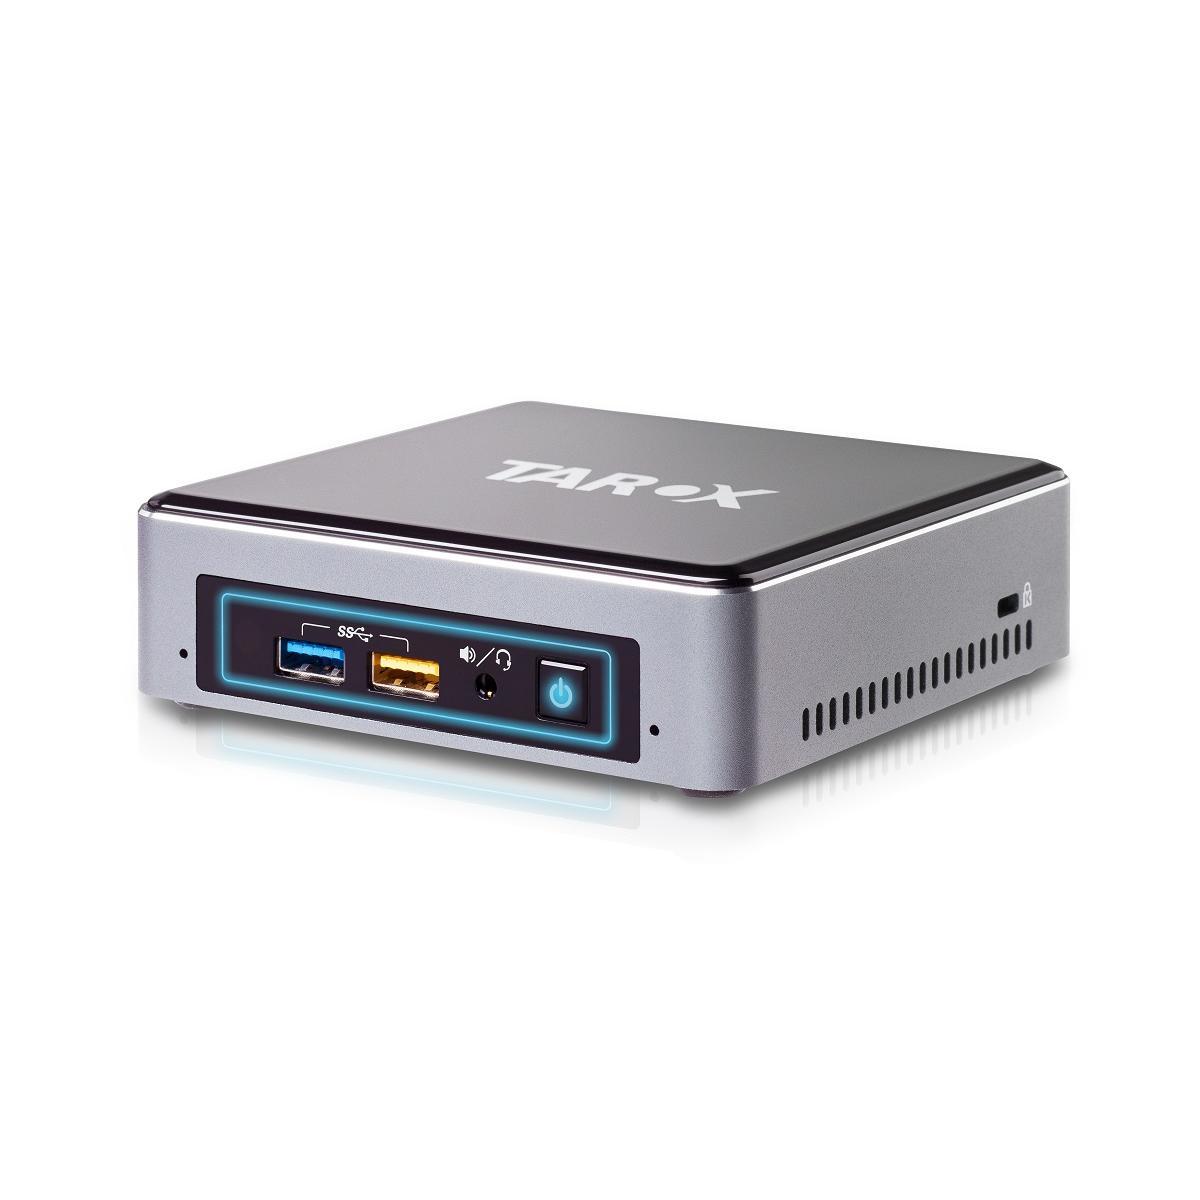 TAROX ECO 44 G7 - i5,8GB,240GB SSD, W10P